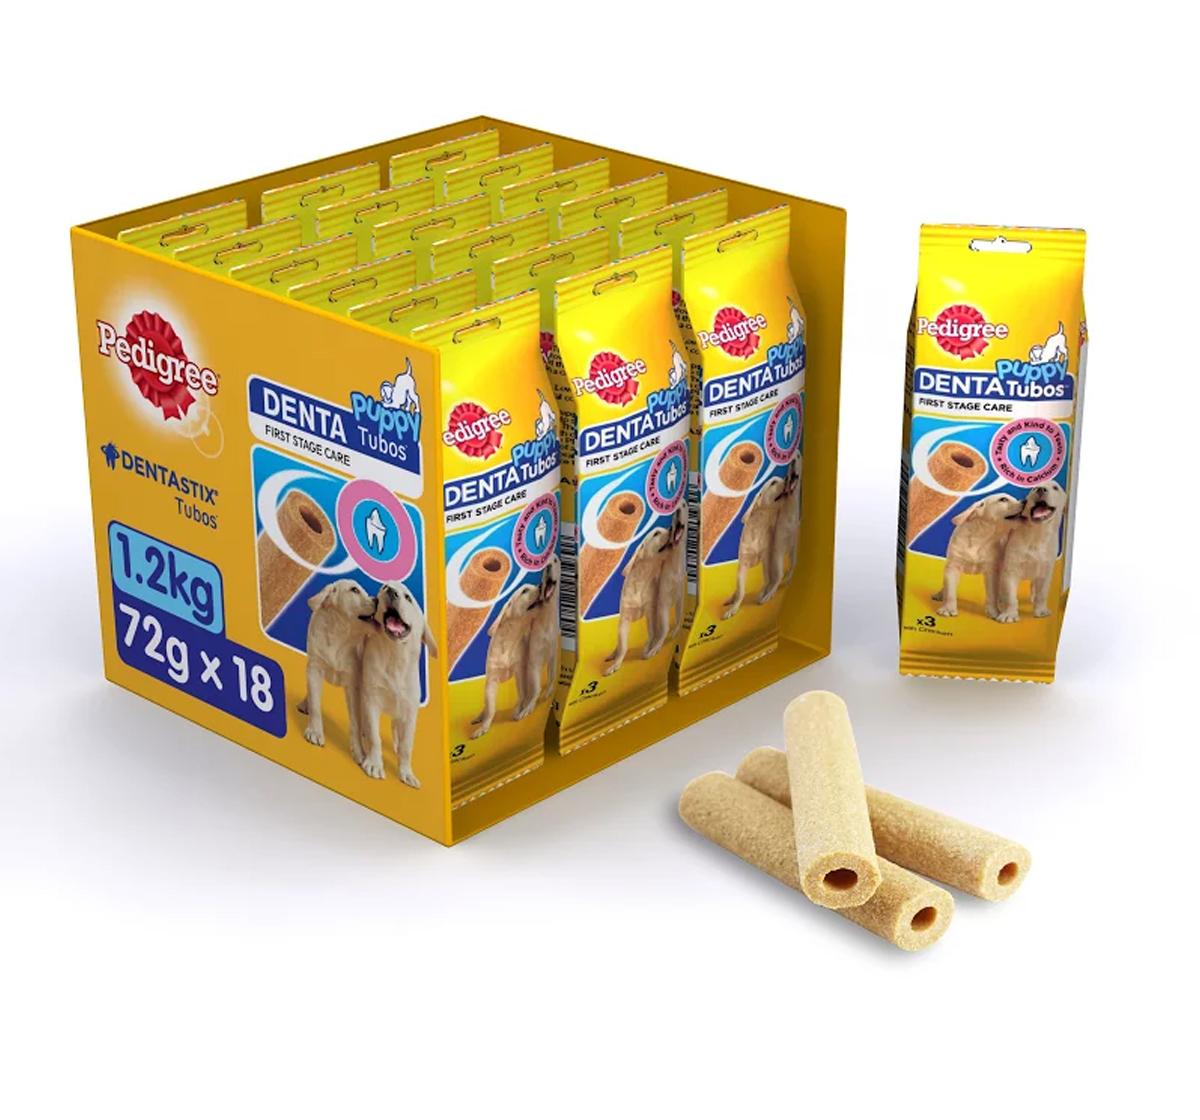 Pedigree Denta Tubos Chicken Puppy Treat - 1.2Kg ( 54 Sticks)